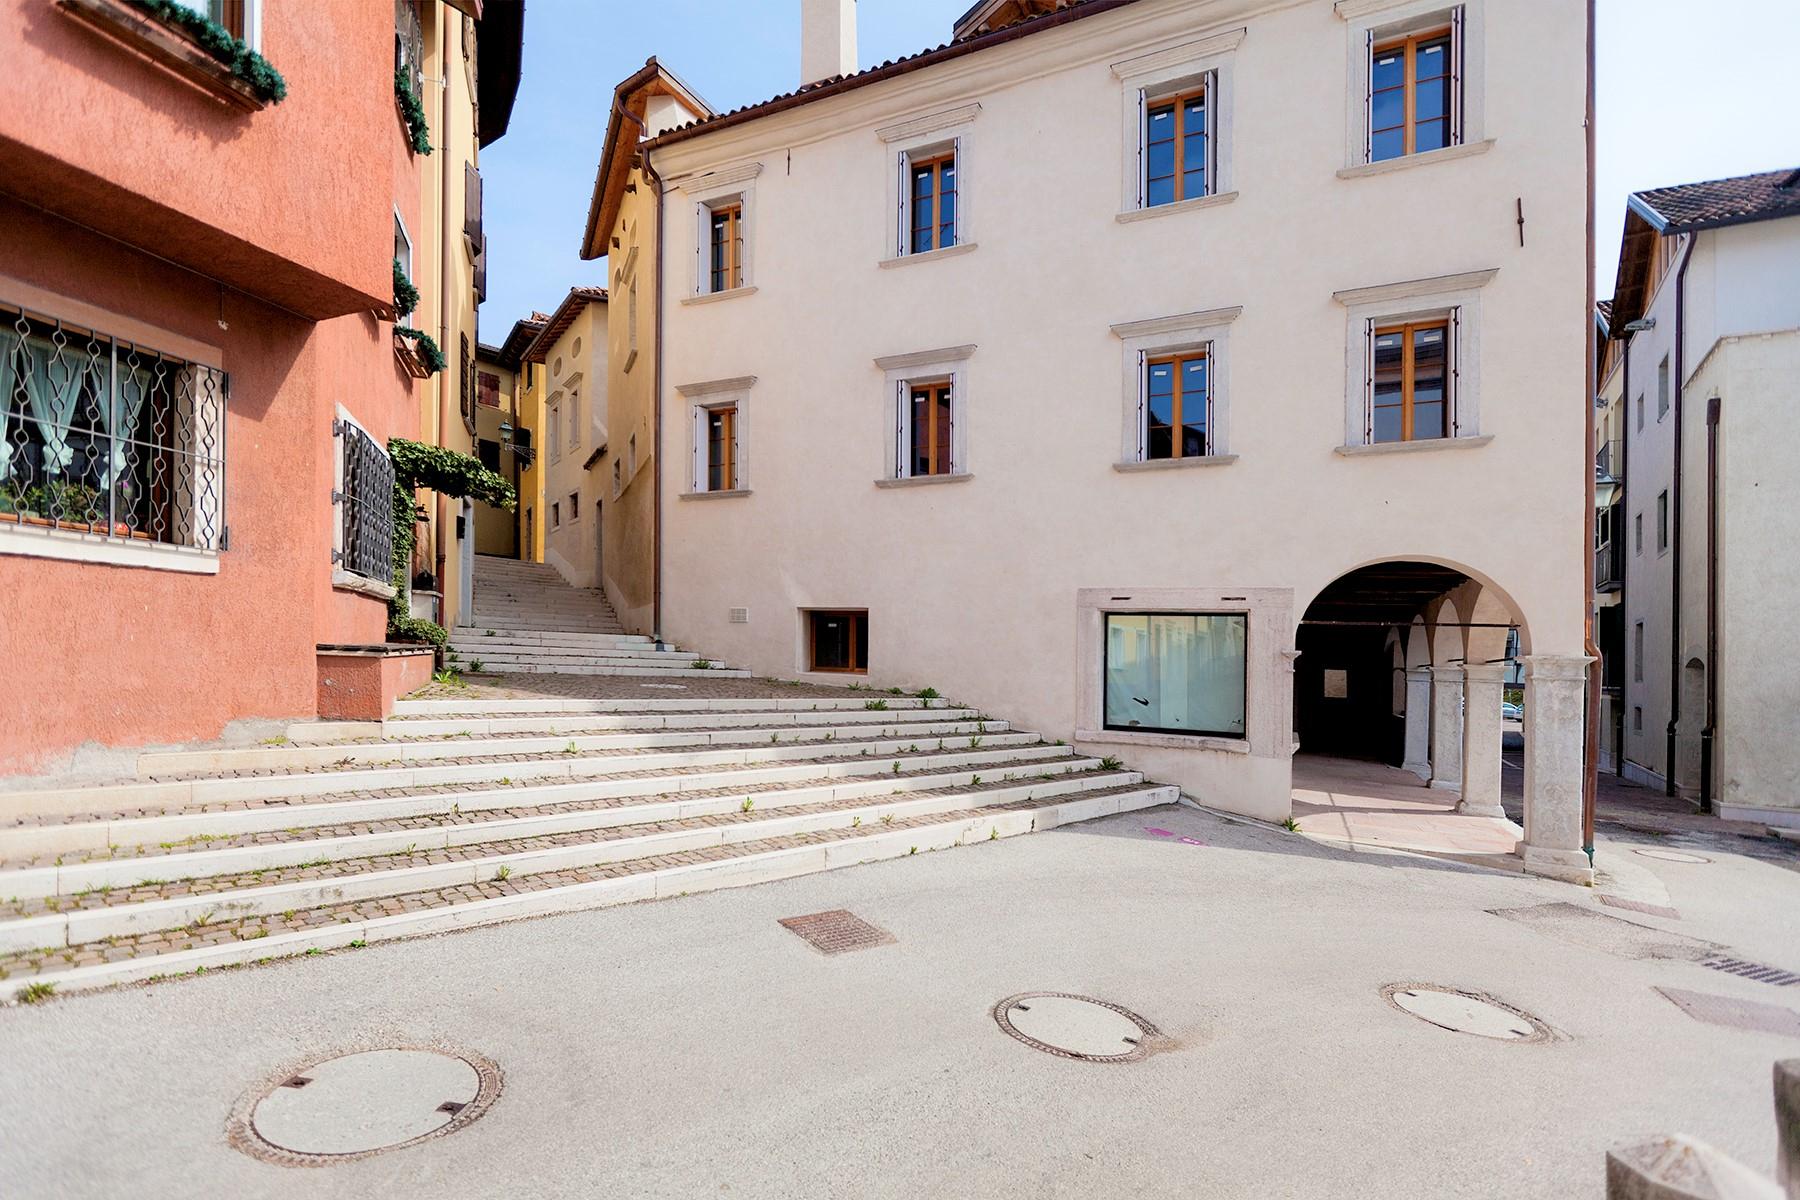 Appartamento in Vendita a Belluno: 5 locali, 220 mq - Foto 1